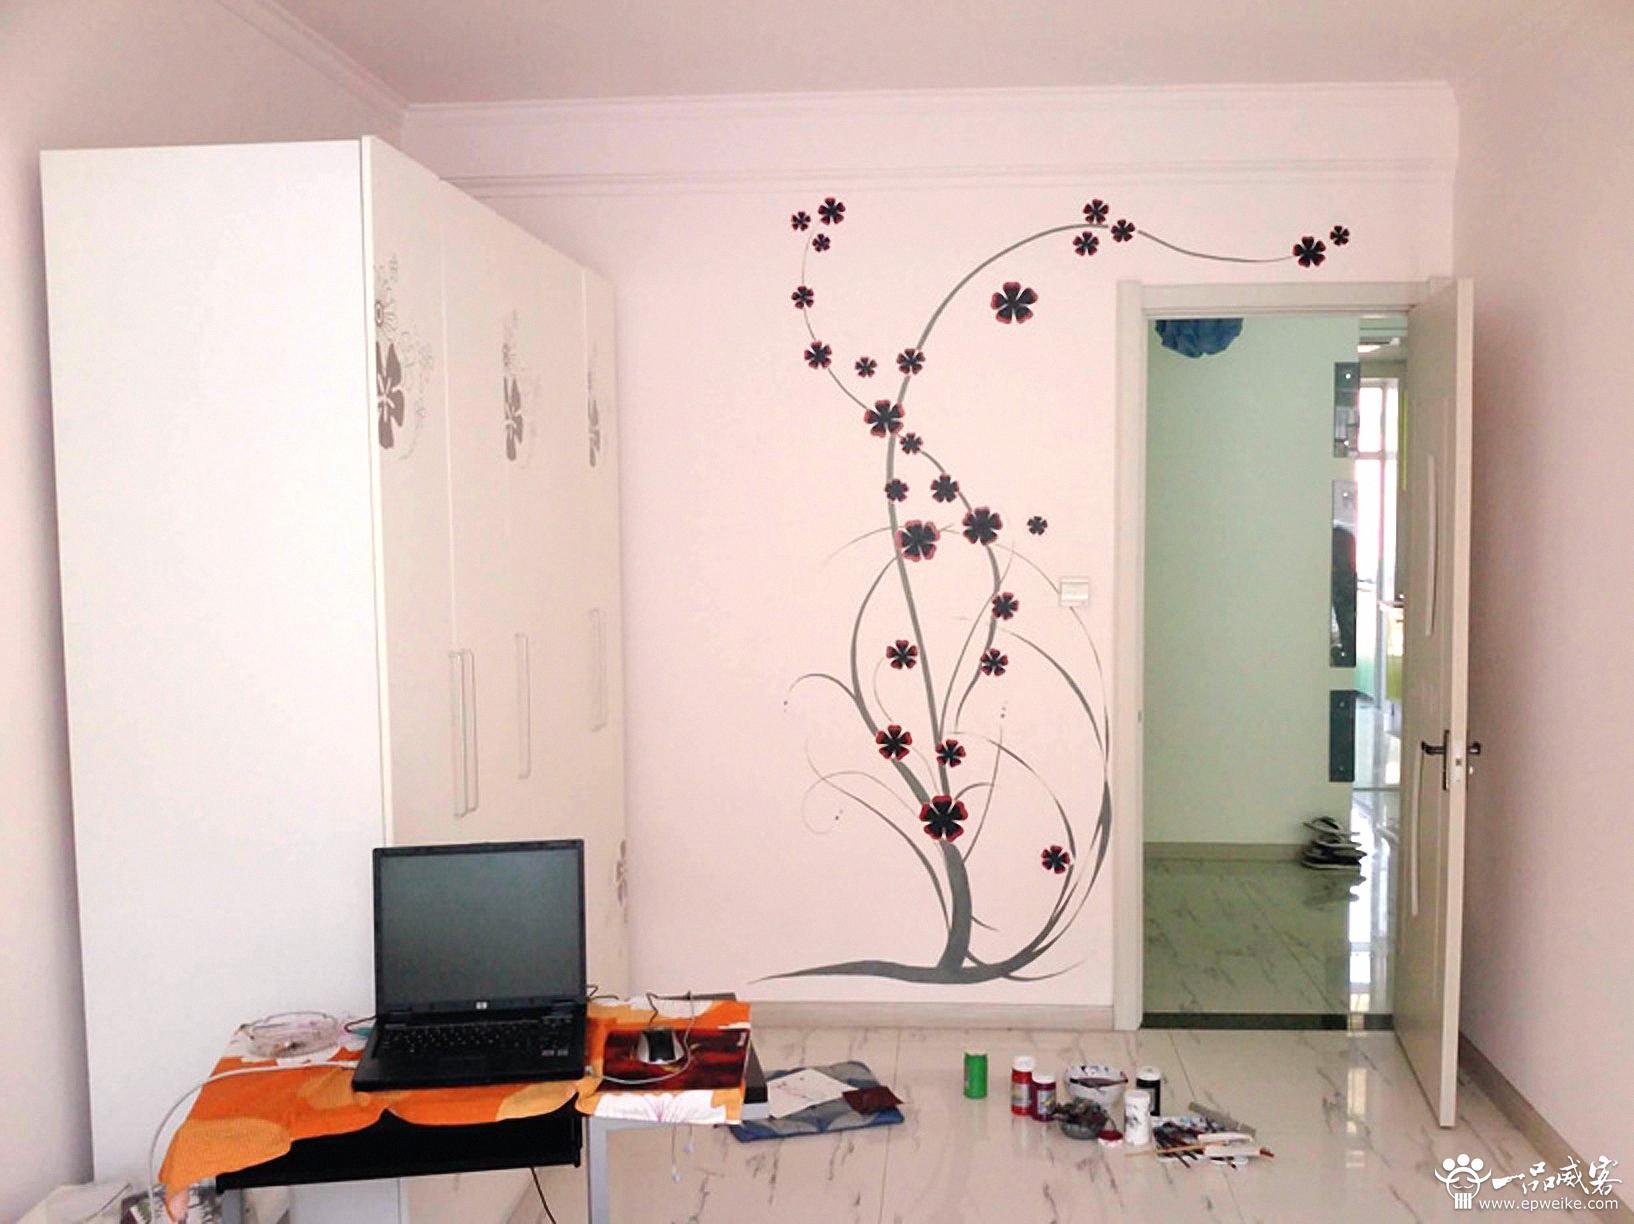 创意手绘墙画设计制作的方法技巧